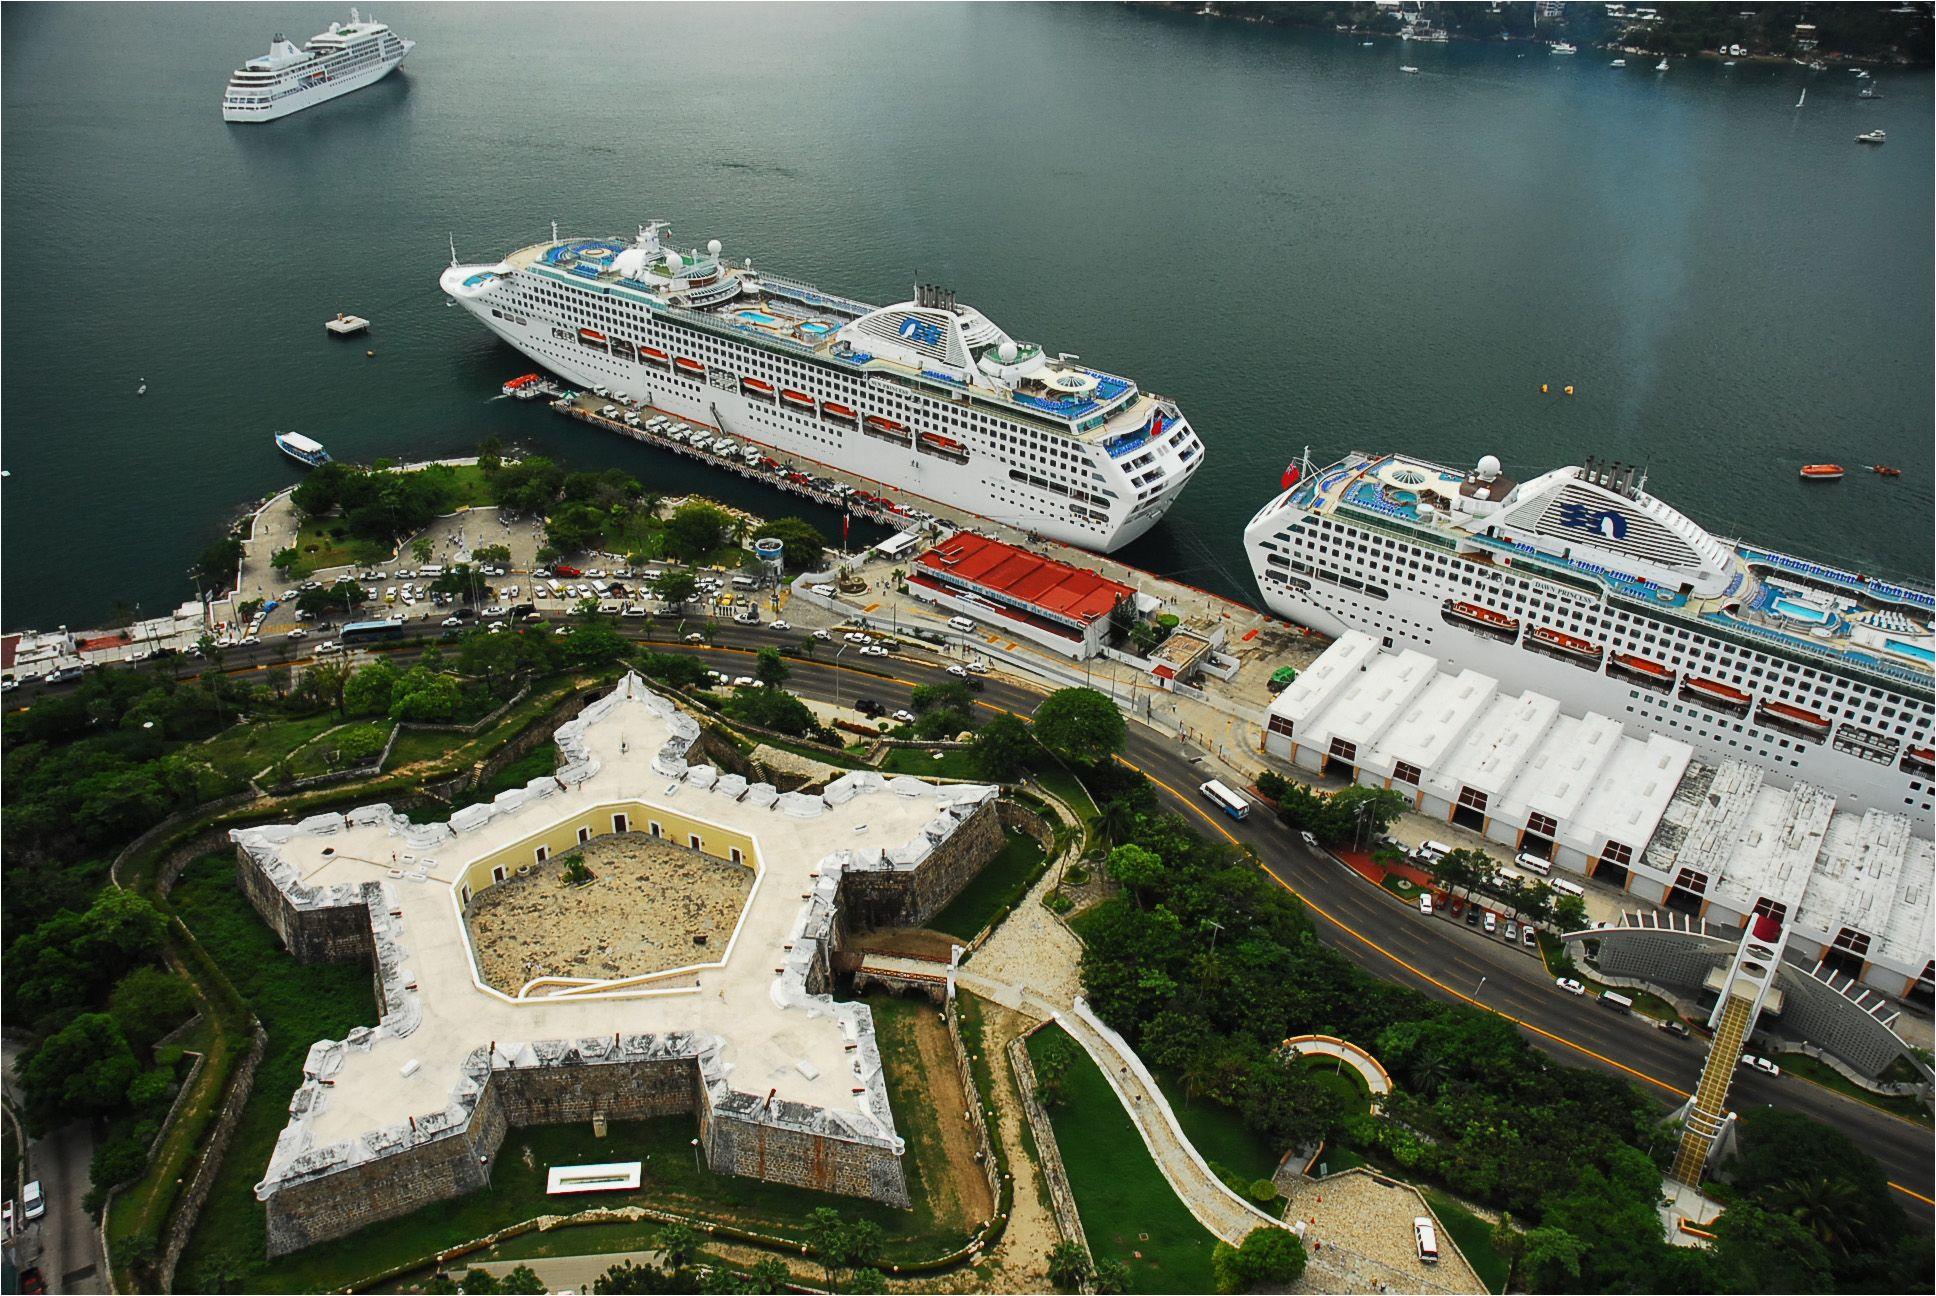 fuerte de san diego cruceros frente al fuerte de san diego cruise ships in front of san diego fort